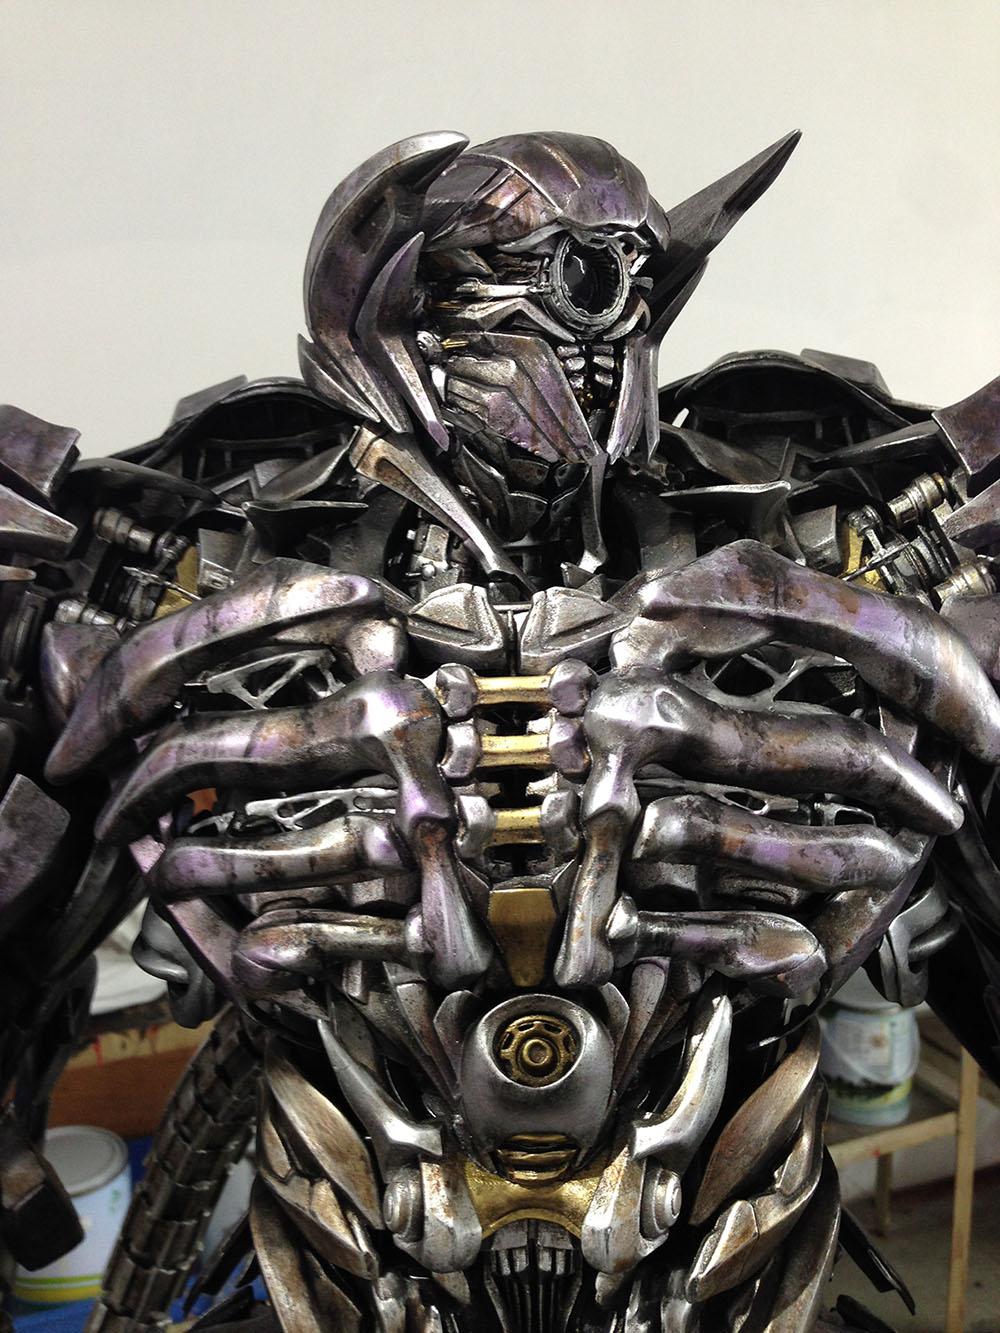 Statues des Films Transformers (articulé, non transformable) ― Par Prime1Studio, M3 Studio, Concept Zone, Super Fans Group, Soap Studio, Soldier Story Toys, etc - Page 3 842465752